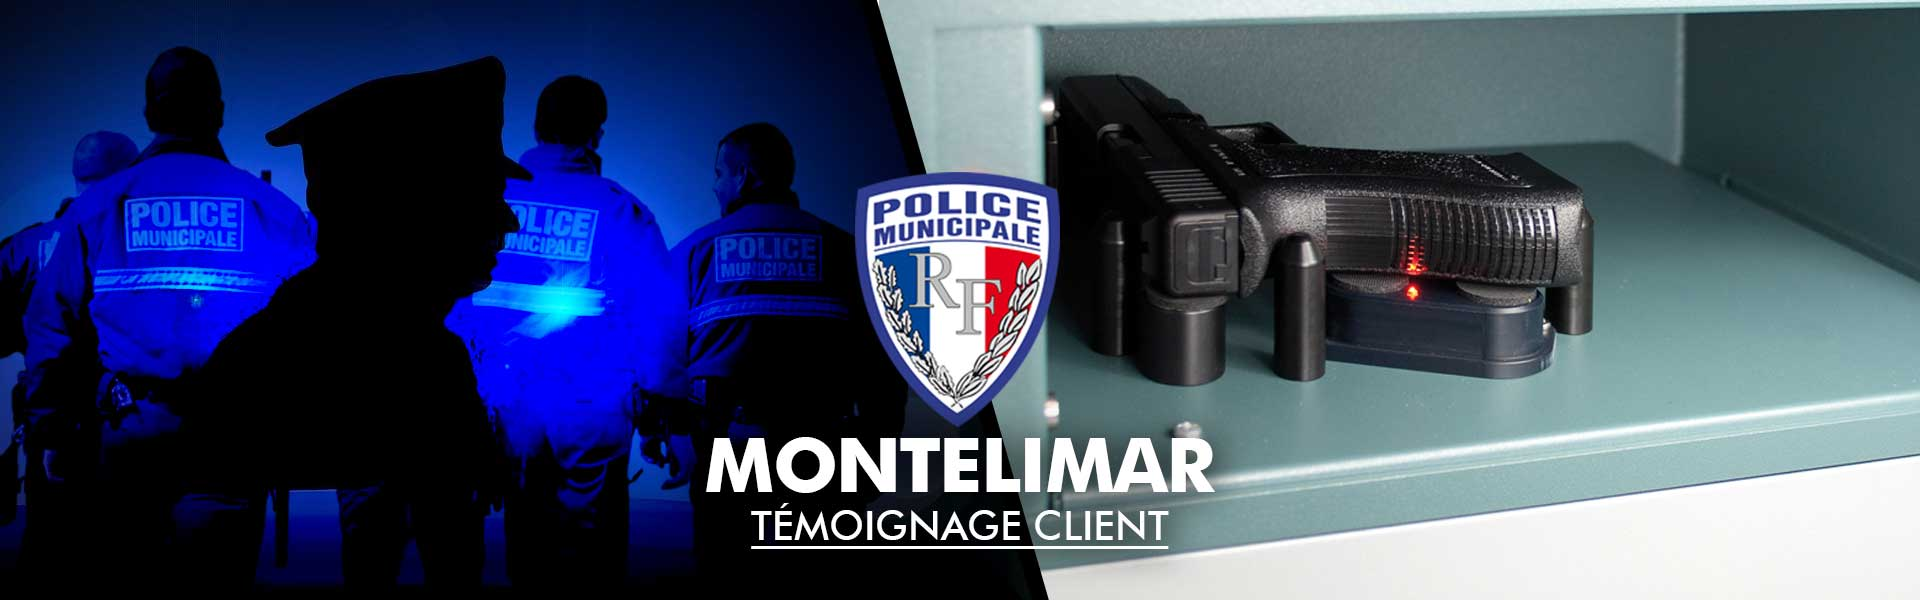 Témoignage client police municipale